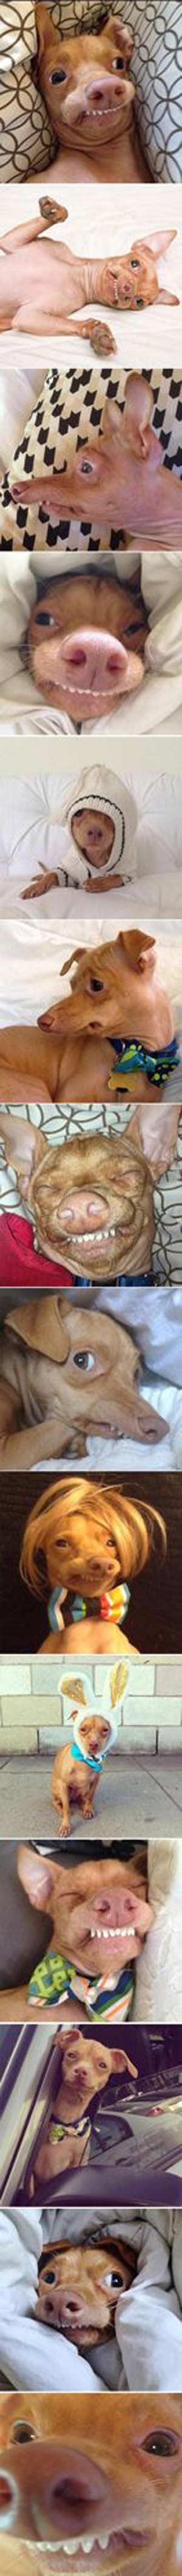 龅牙狗狗表情包大全